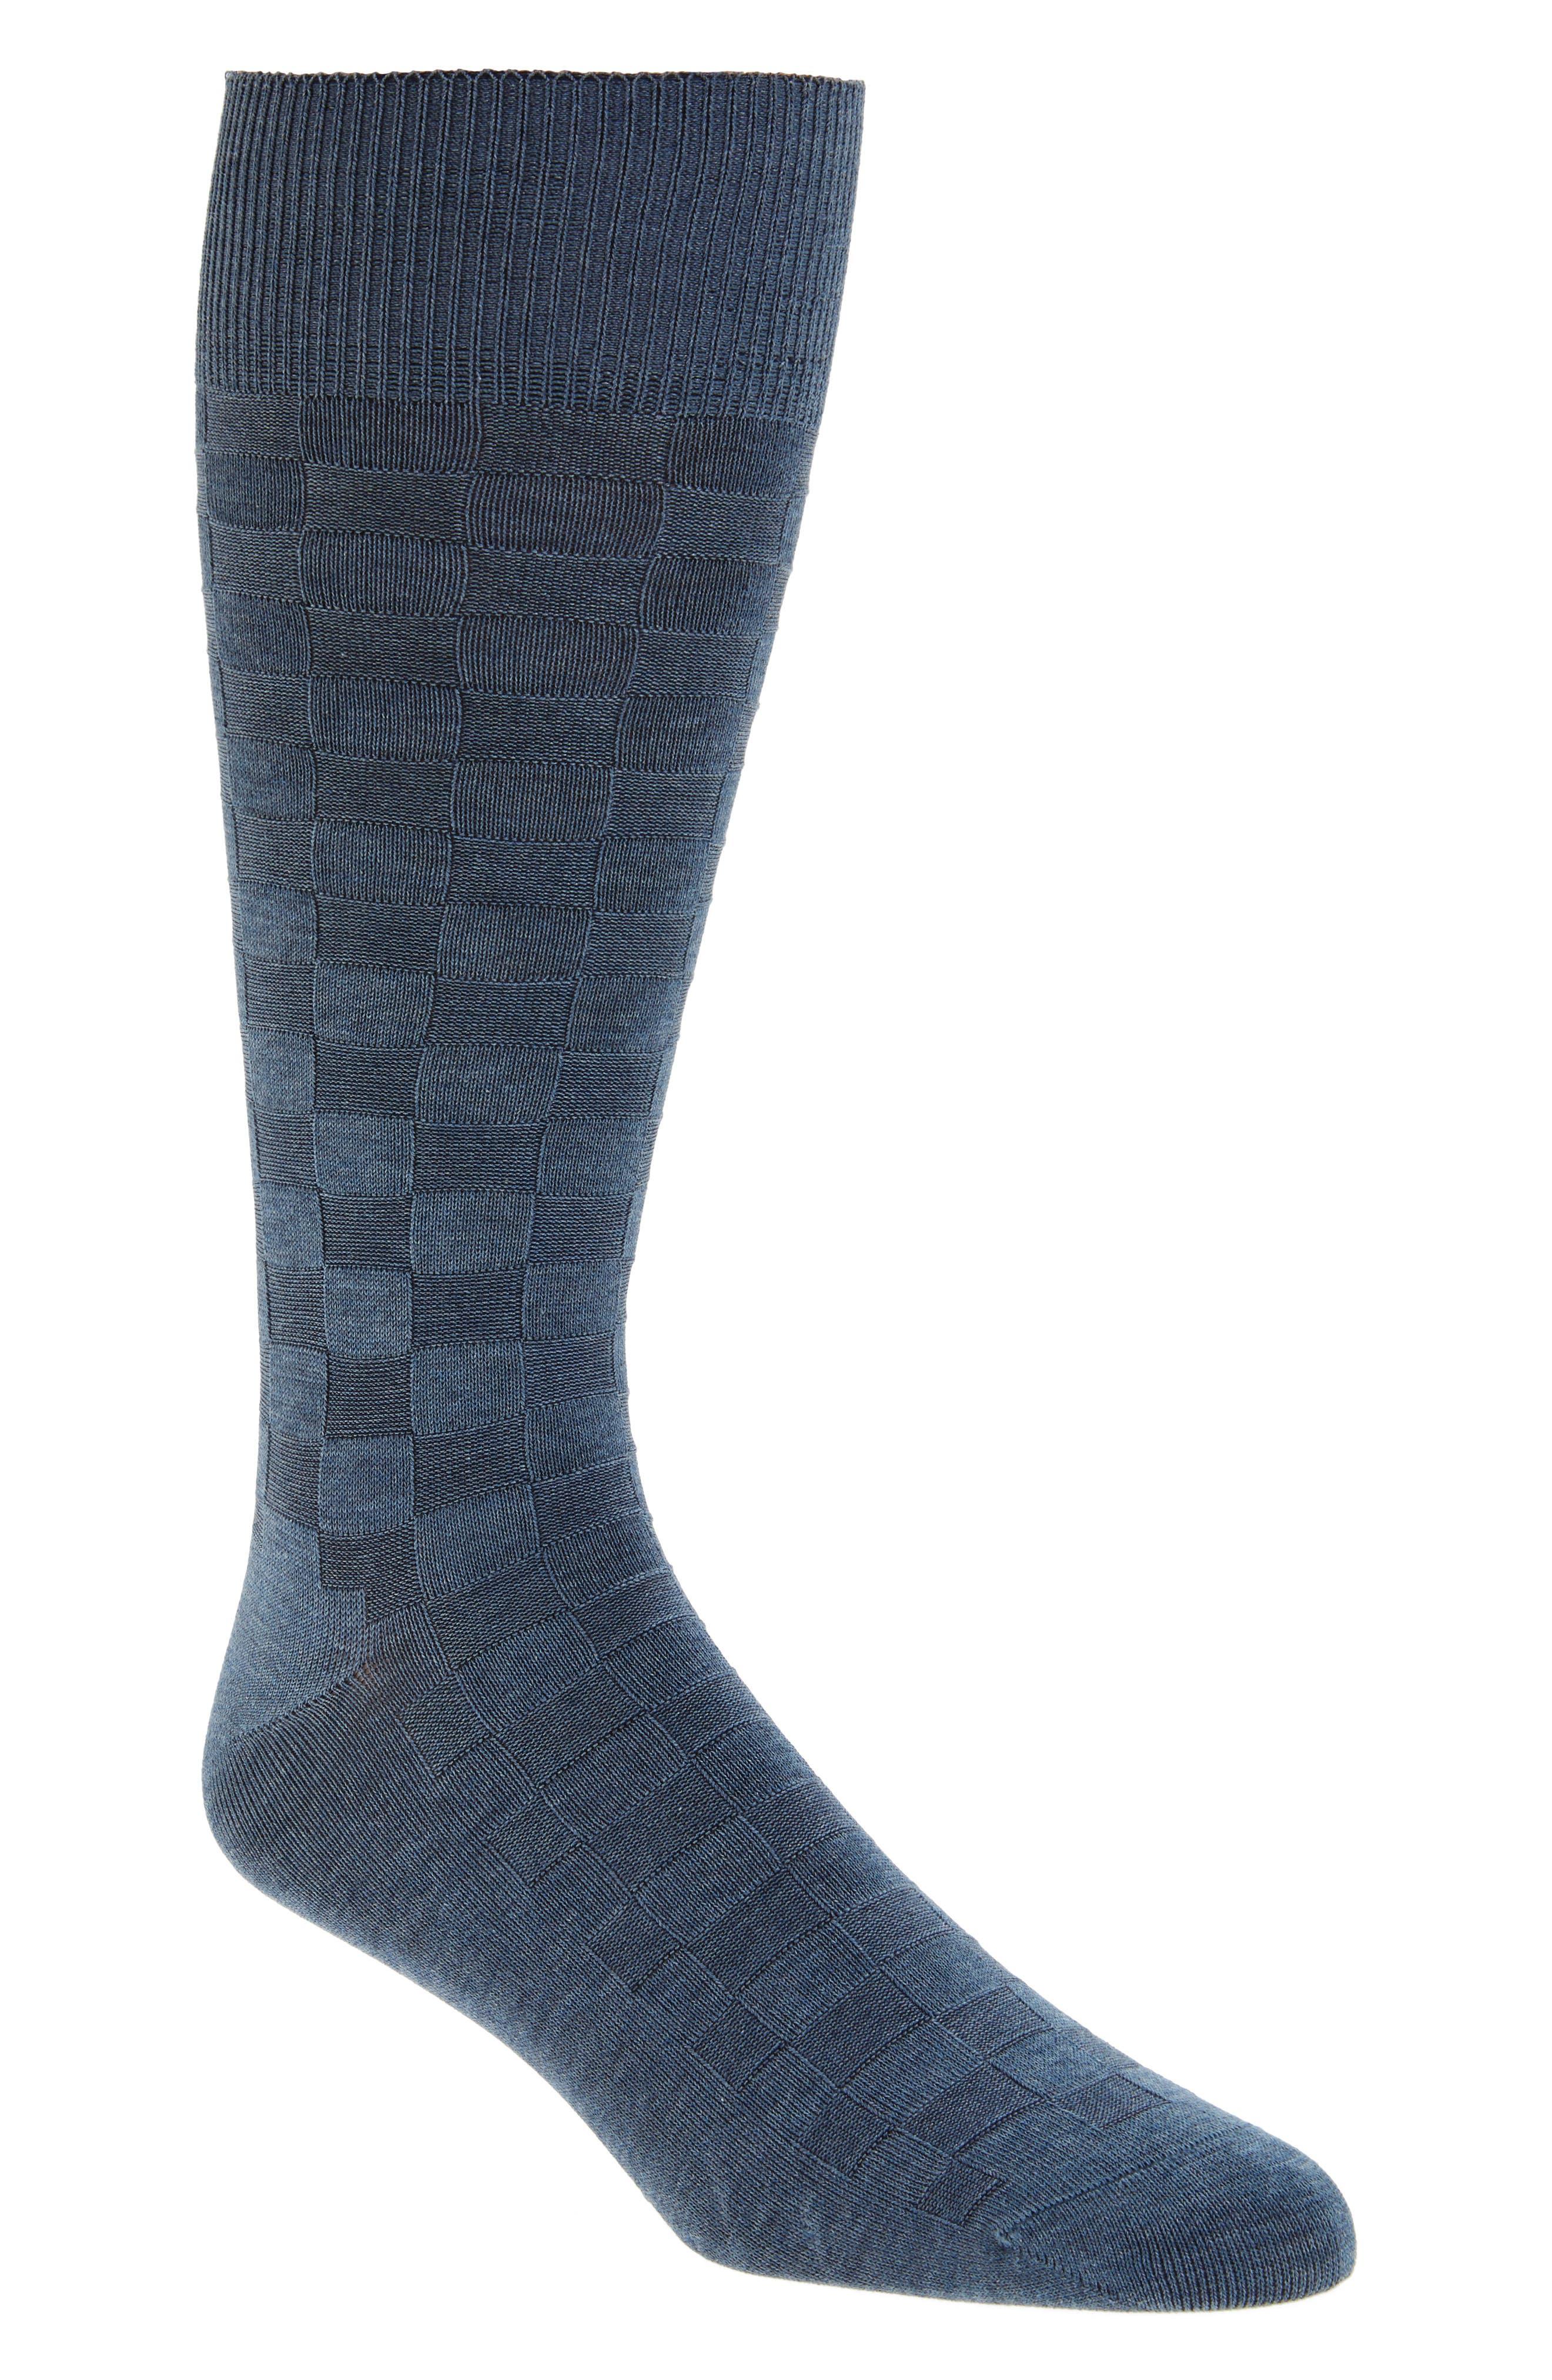 Alternate Image 1 Selected - Calibrate Grid Socks